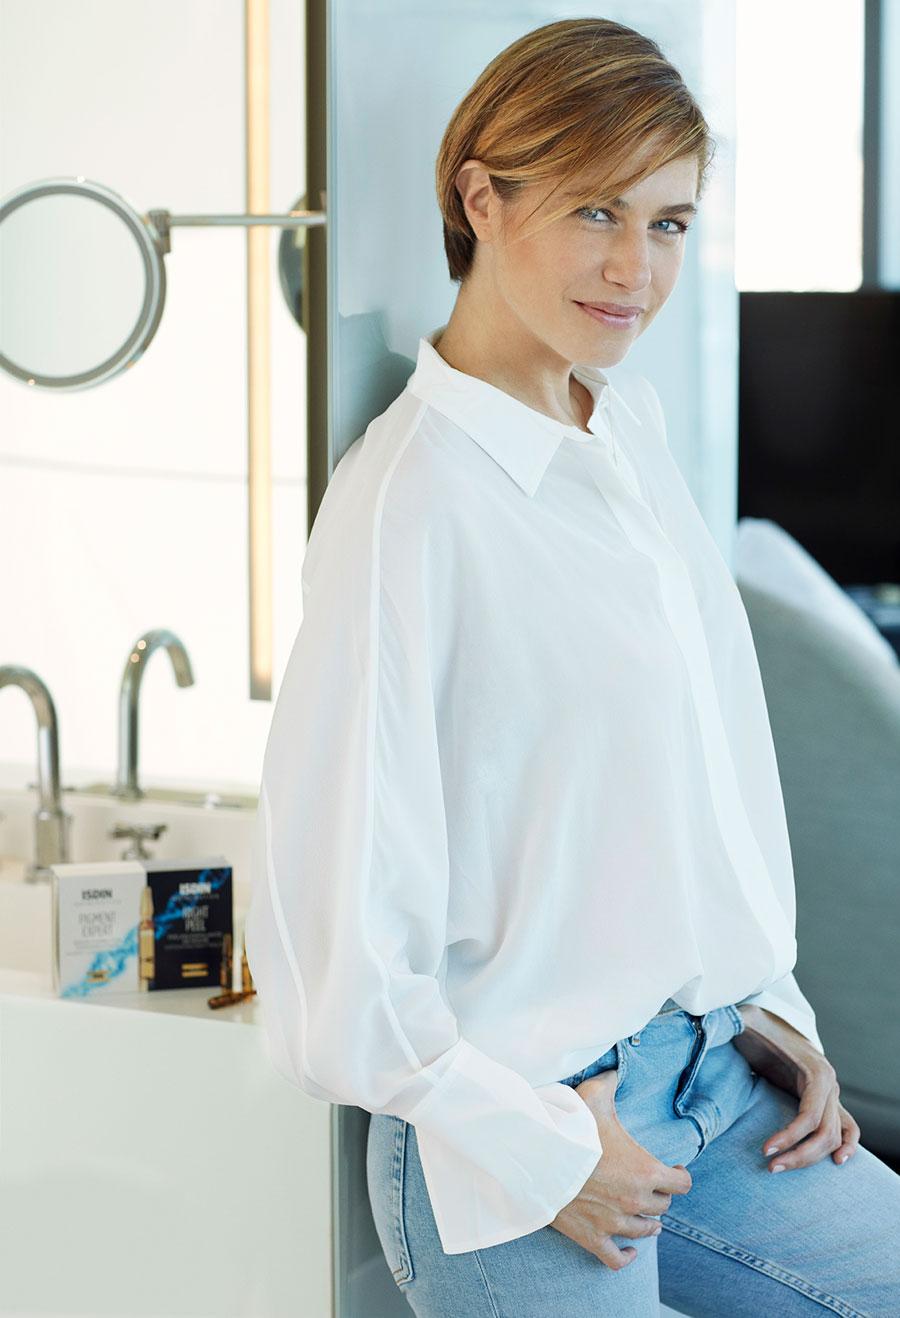 Martina Klein es noticia por su corte de pelo